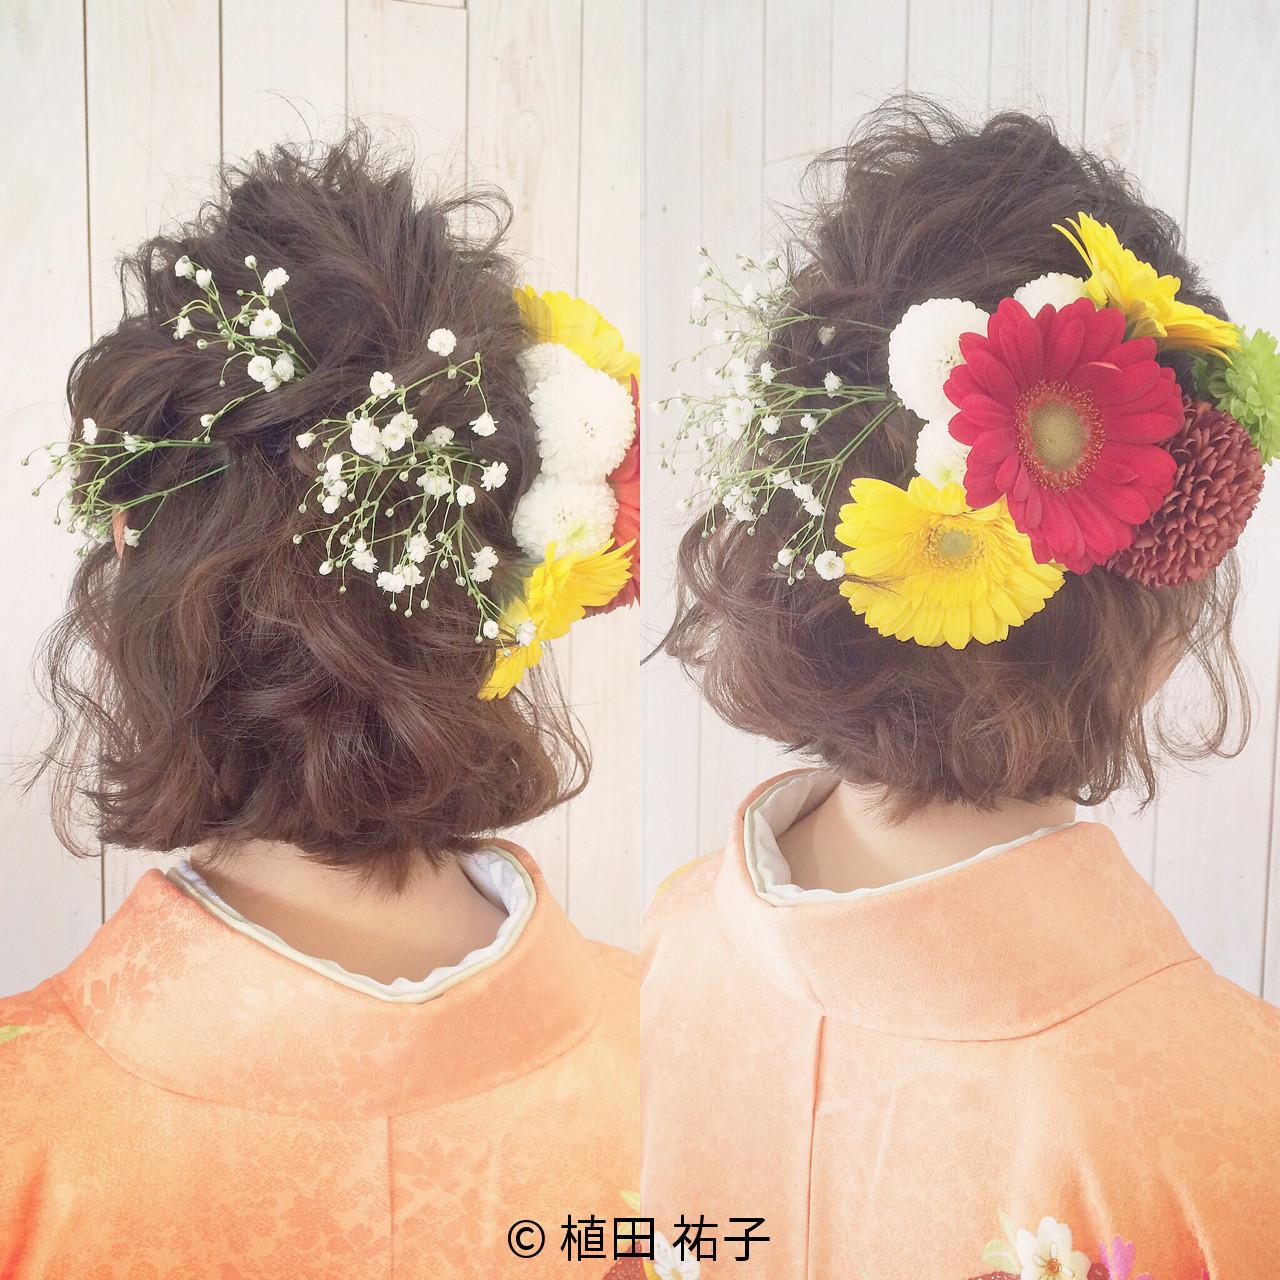 ボブ 着物 ヘアアレンジ 簡単ヘアアレンジ ヘアスタイルや髪型の写真・画像